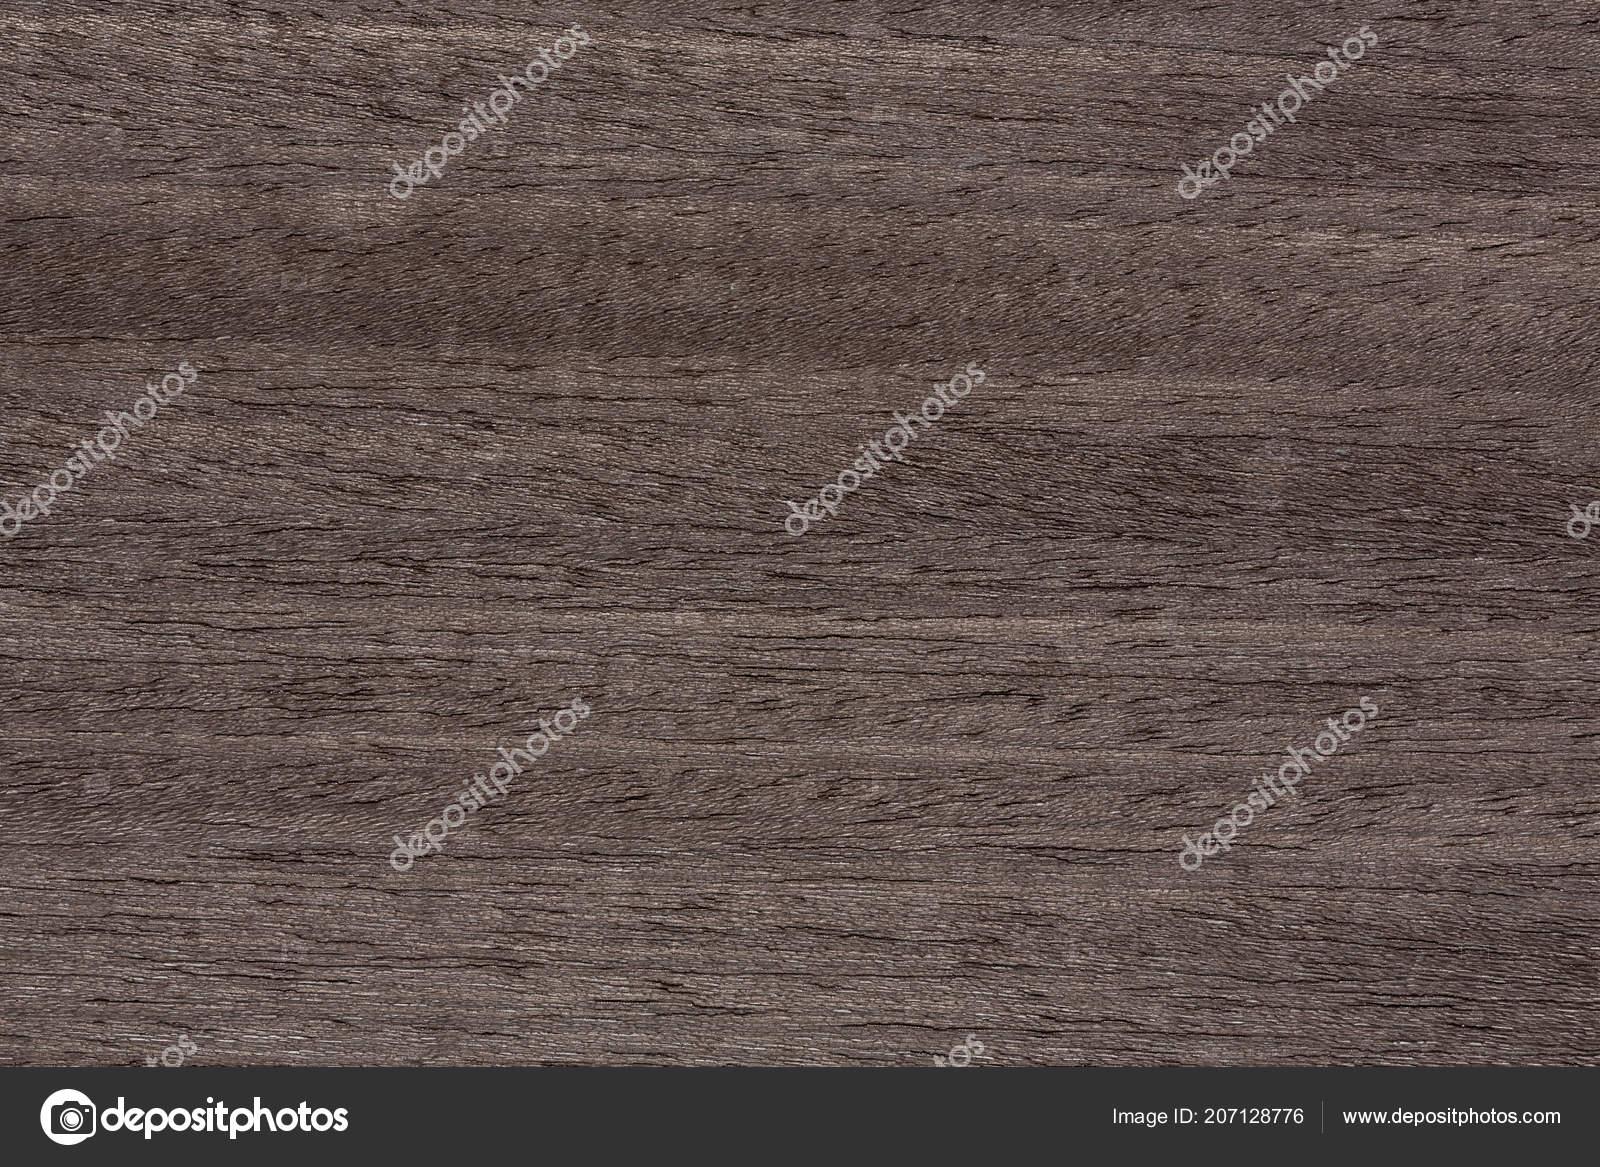 Exquisite Wooden Veneer Texture Ideal Grey Colour High